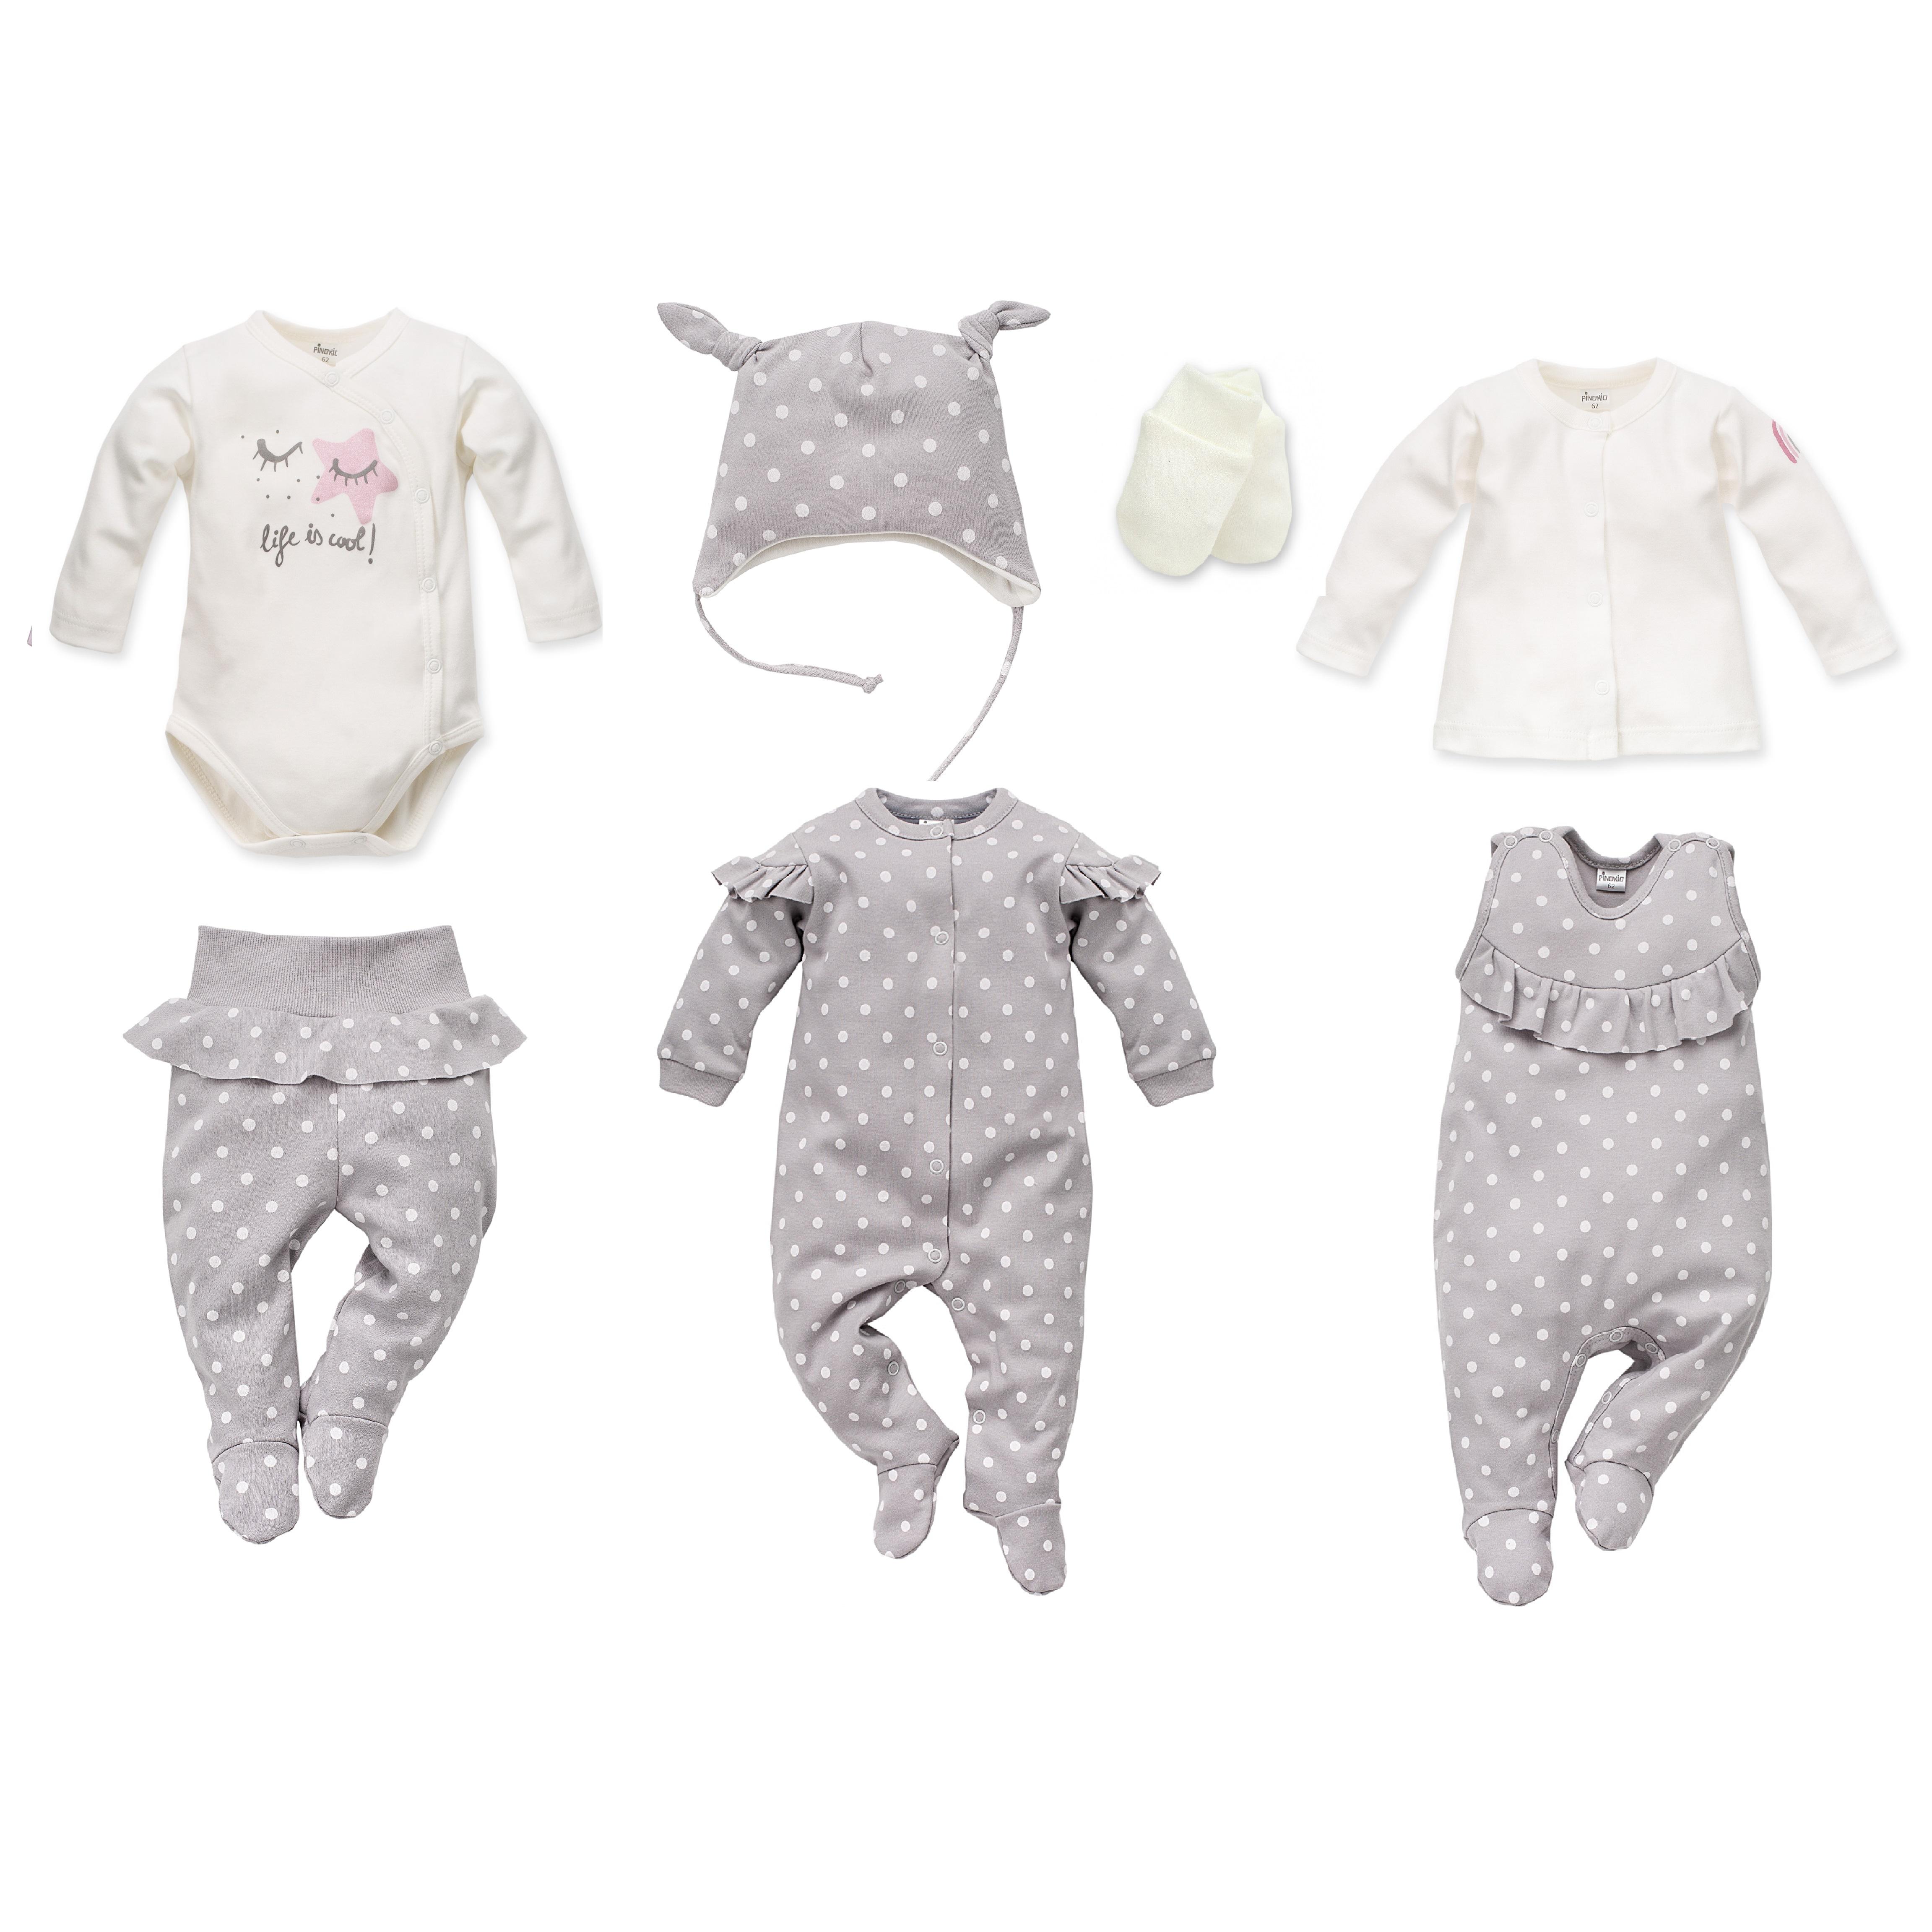 a45ec0b4e83 Nyfødt baby sett, Unicorn, grå, 7 deler, str: 50,56,62 – Little ...